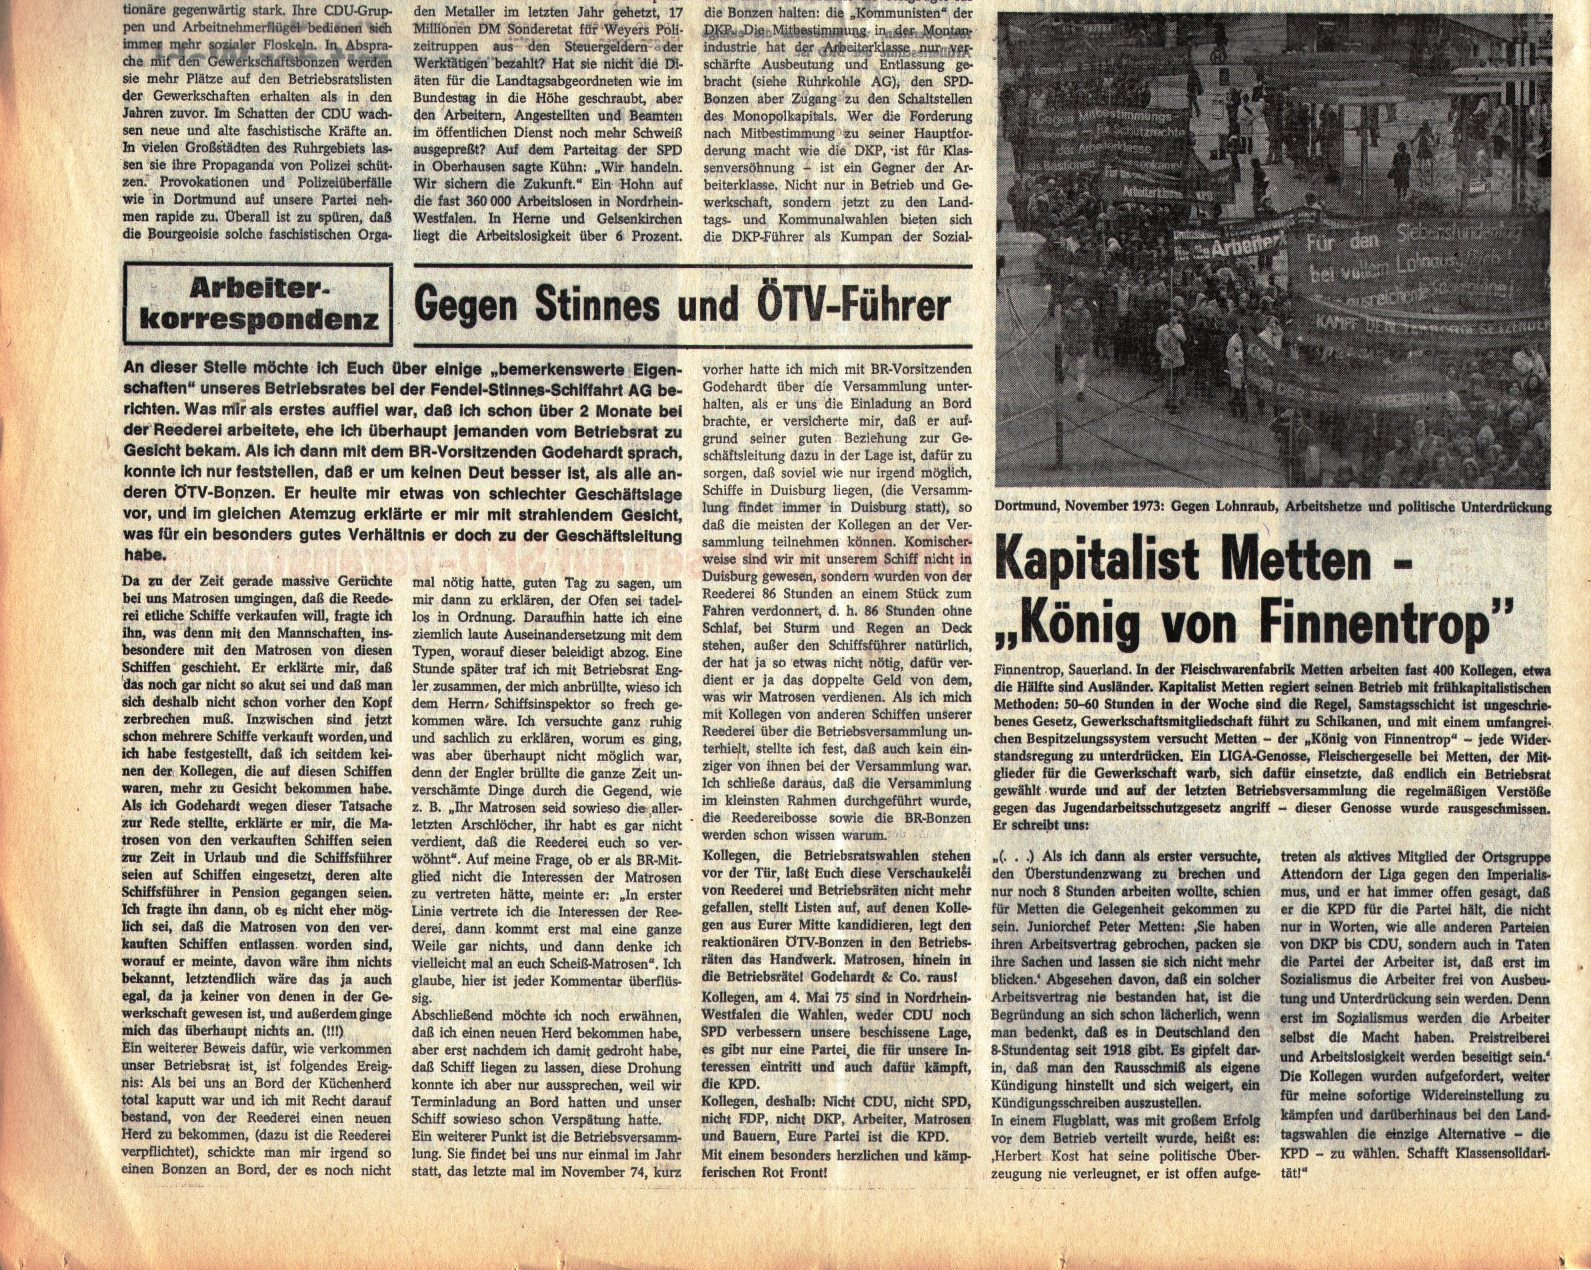 KPD_Rote_Fahne_1975_04_16